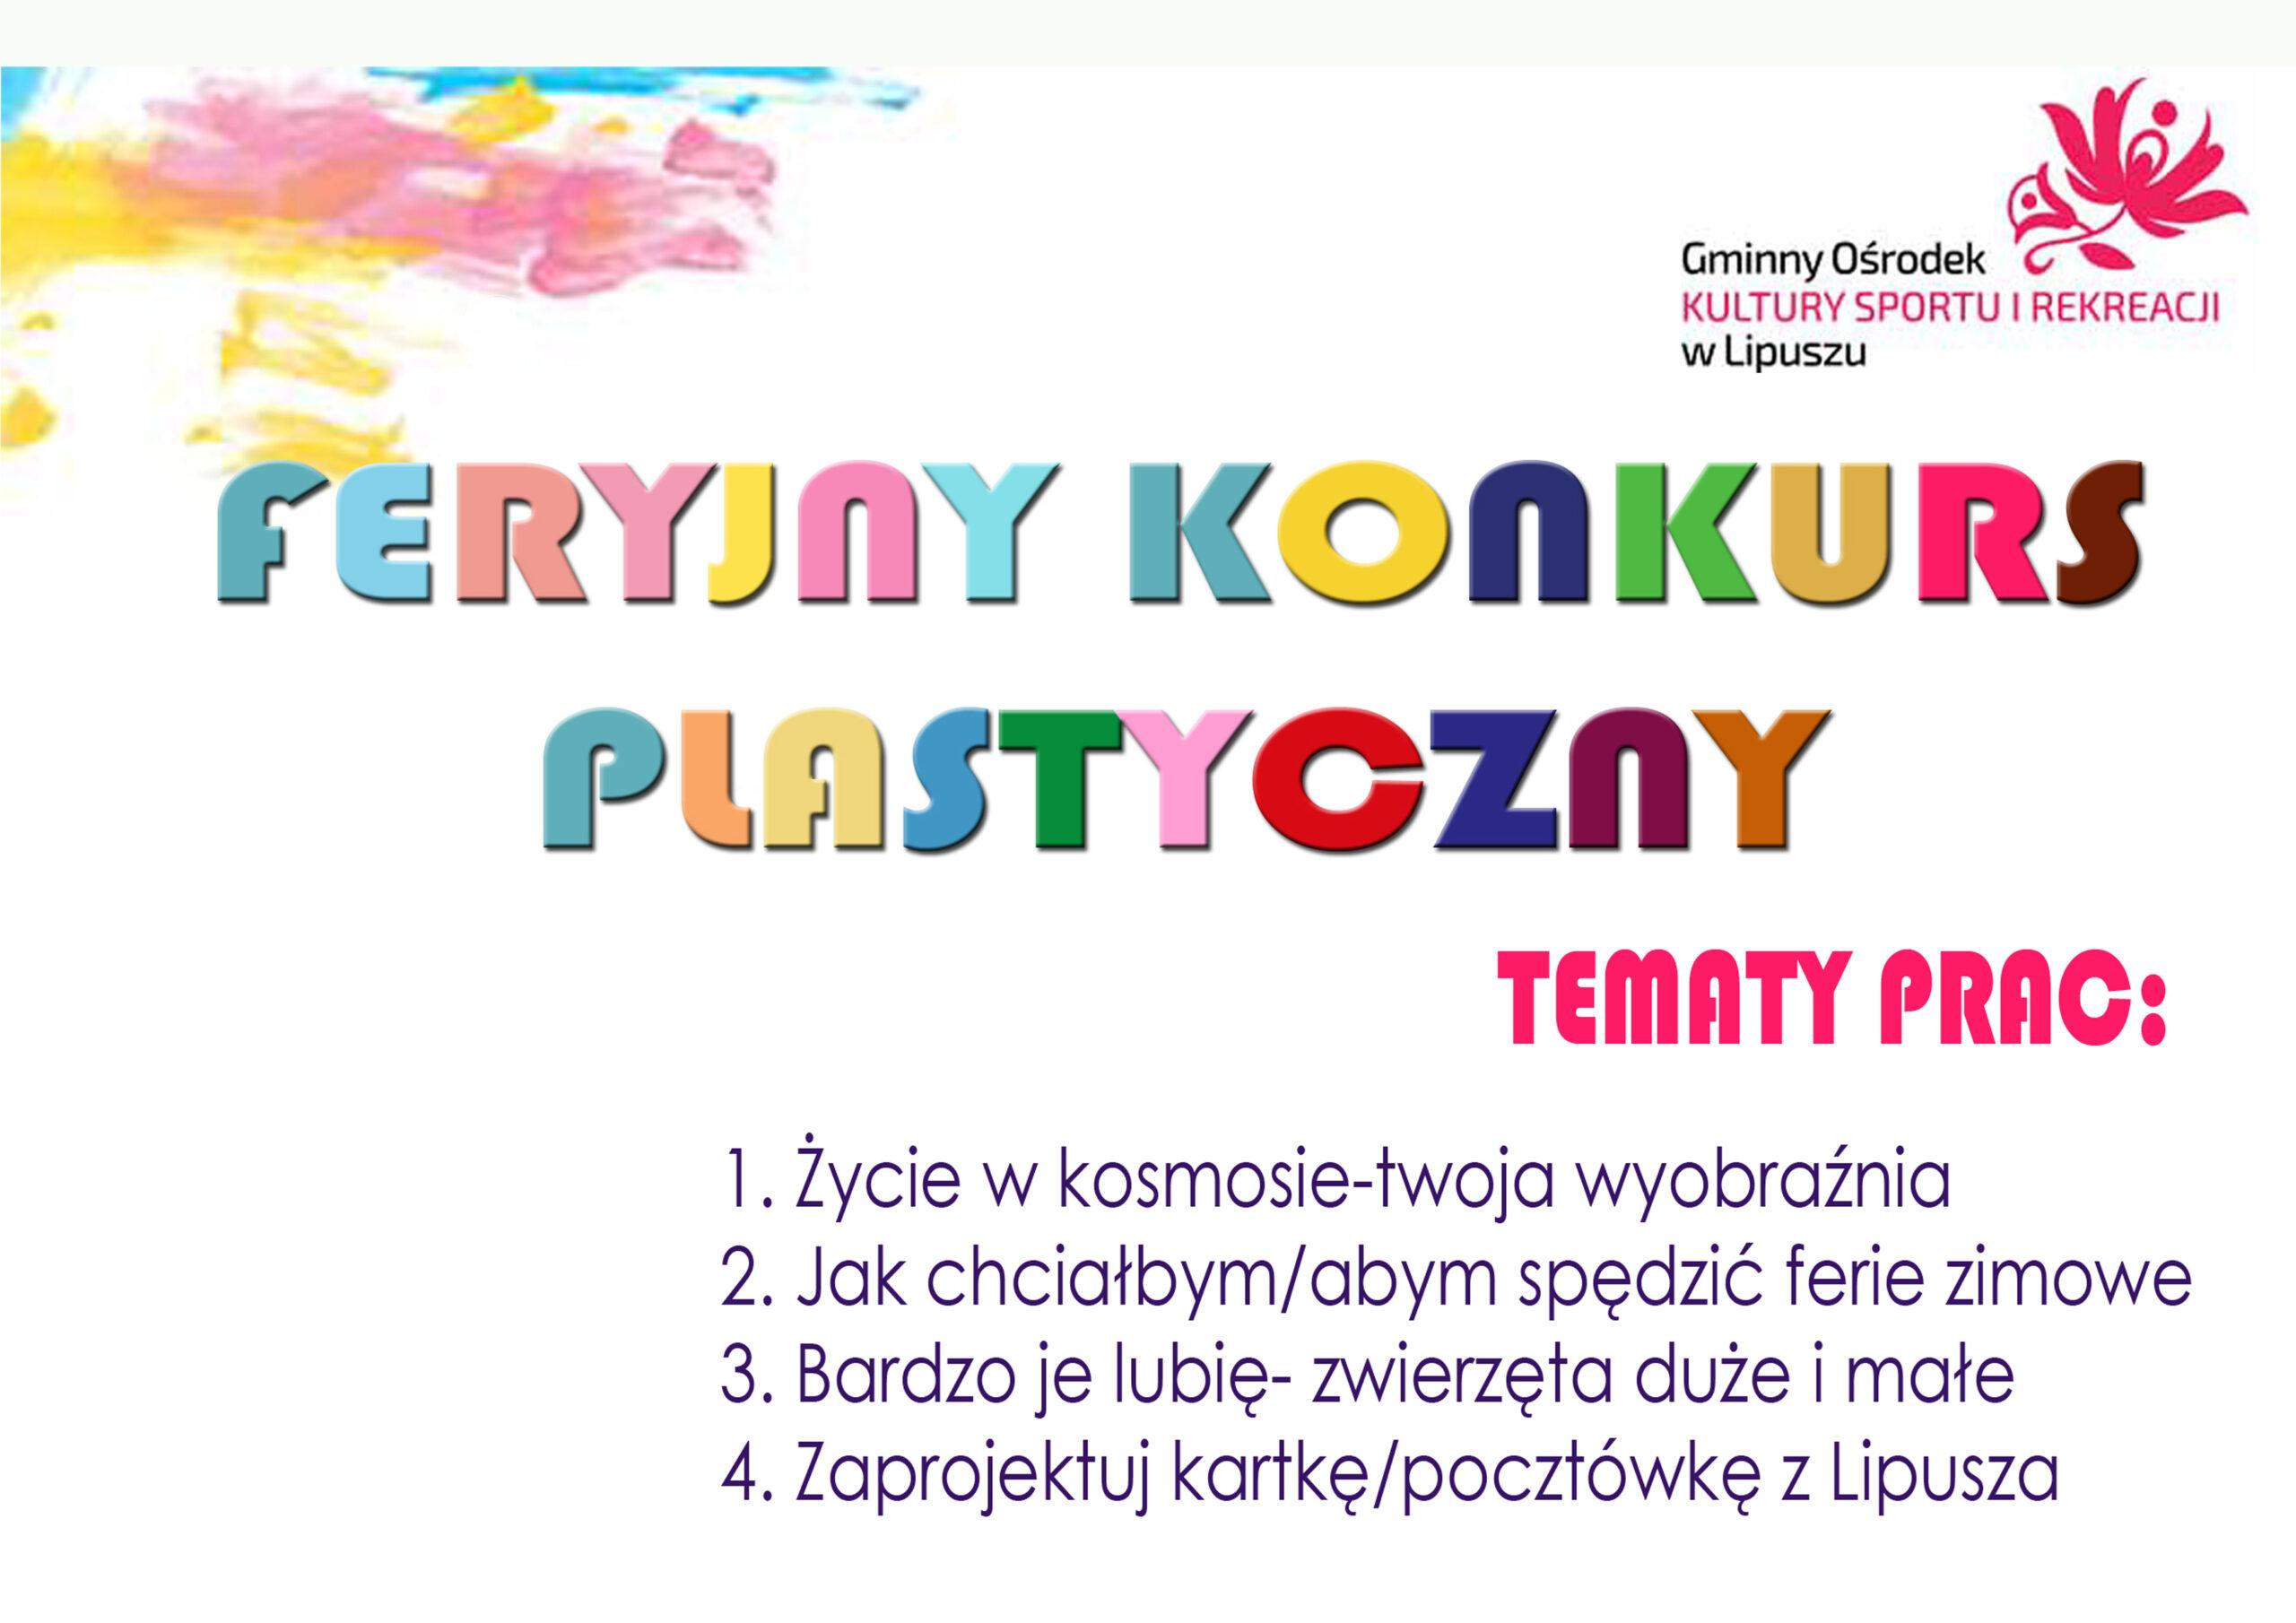 Plakat Feryjny Konkurs plastyczny. Plakat podaje tematy prac konkursowych, technikę wykonania , termin i miejsce składania prac.